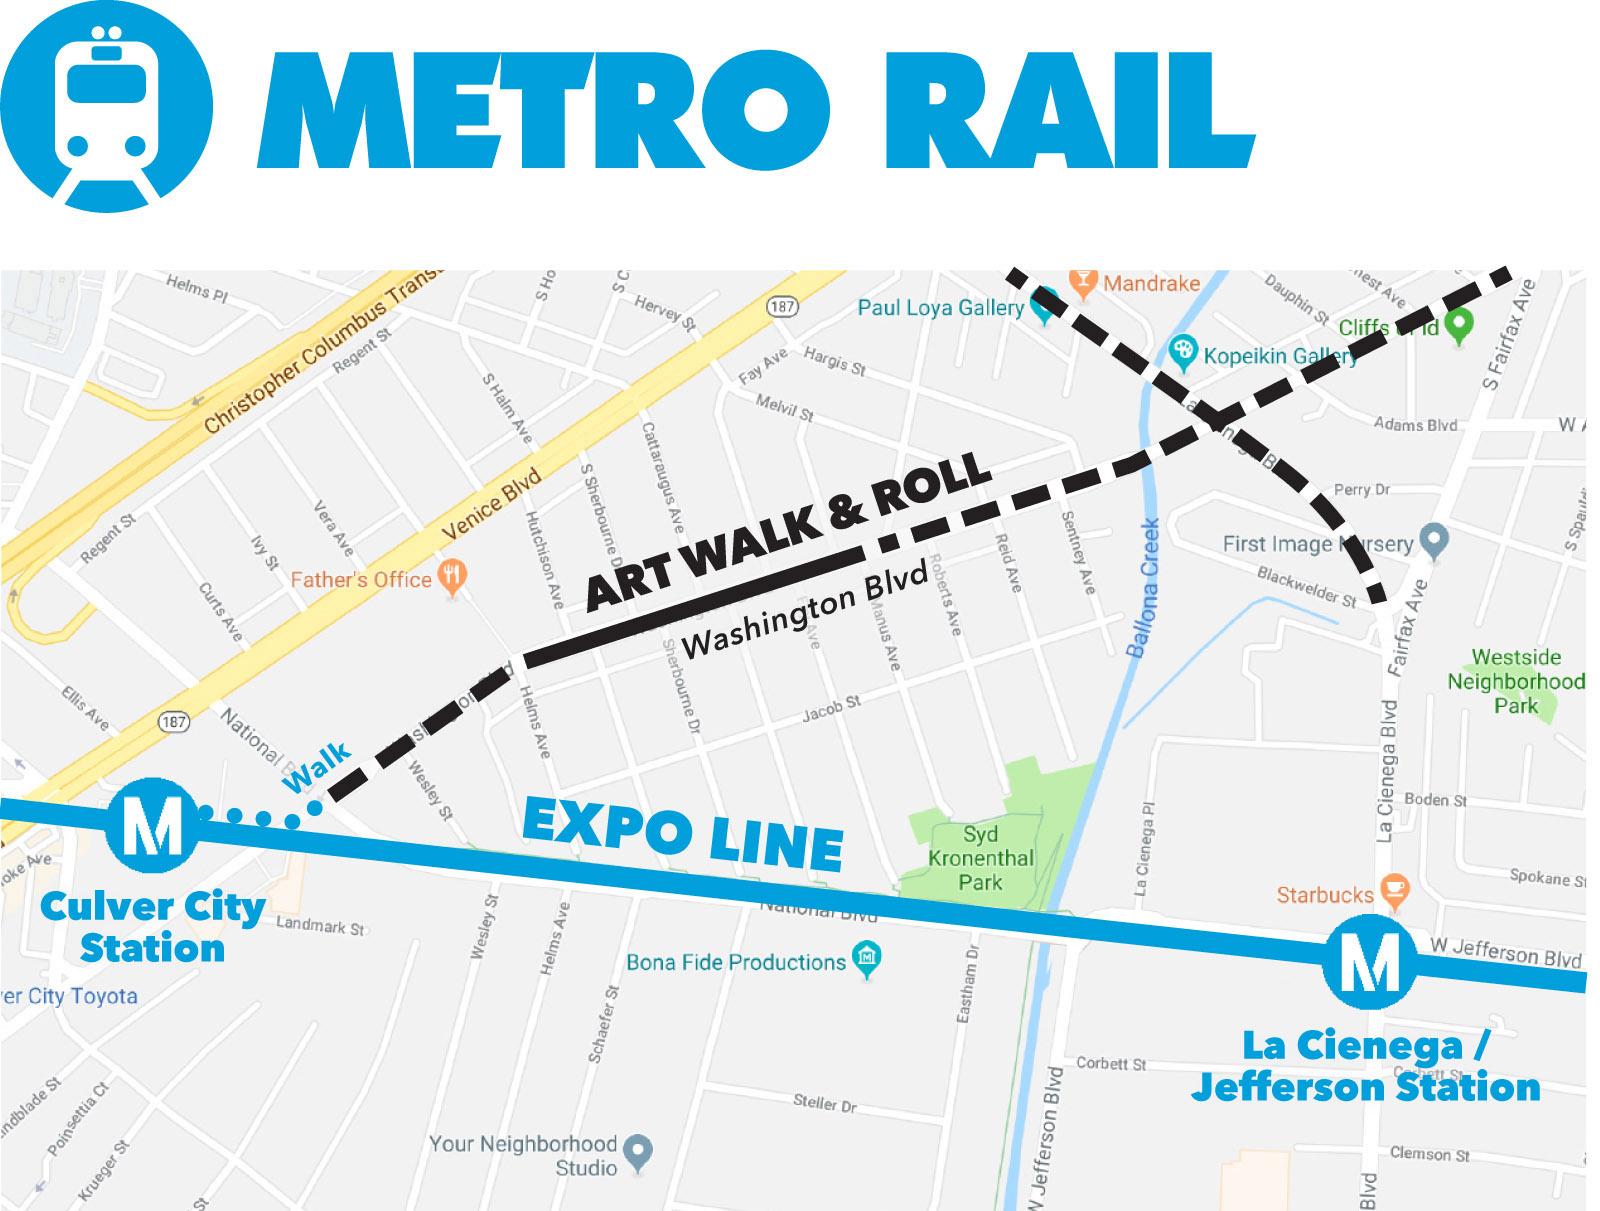 1-Metro.jpg